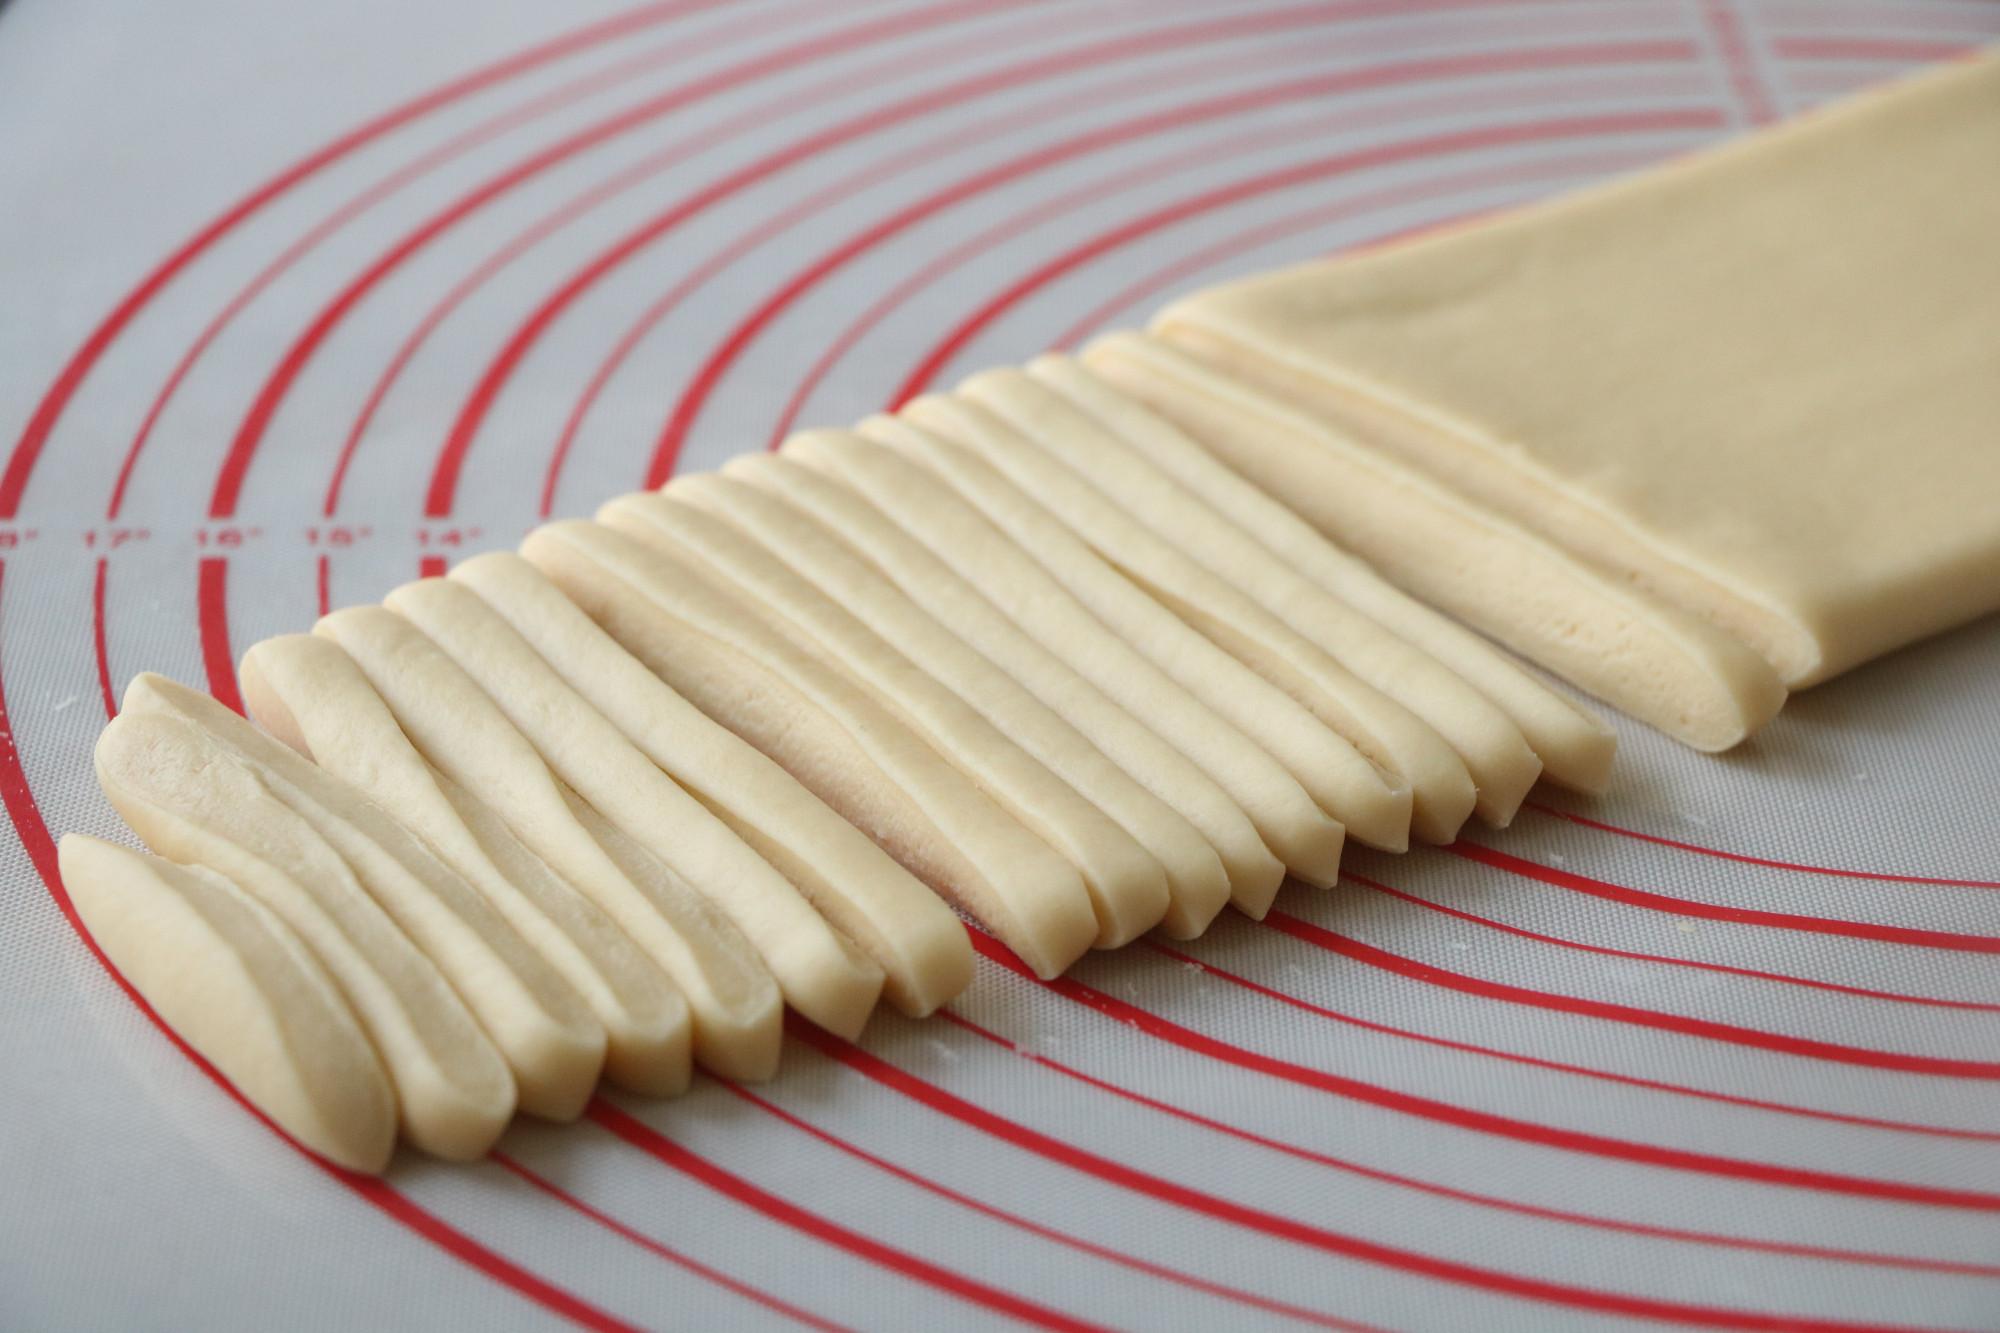 小时候,逢年过节必做的小零食,又酥又脆,制作简单,家人超爱吃